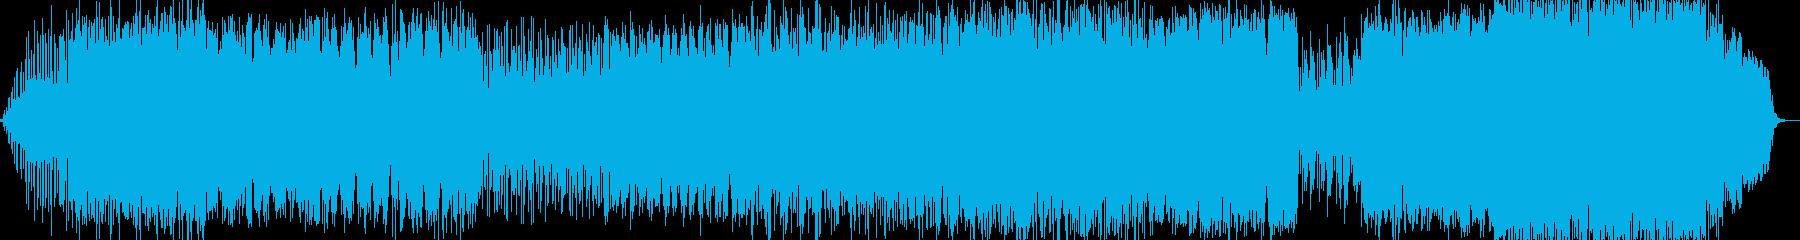 幻想的に水面の波紋をイメージしたBGM…の再生済みの波形